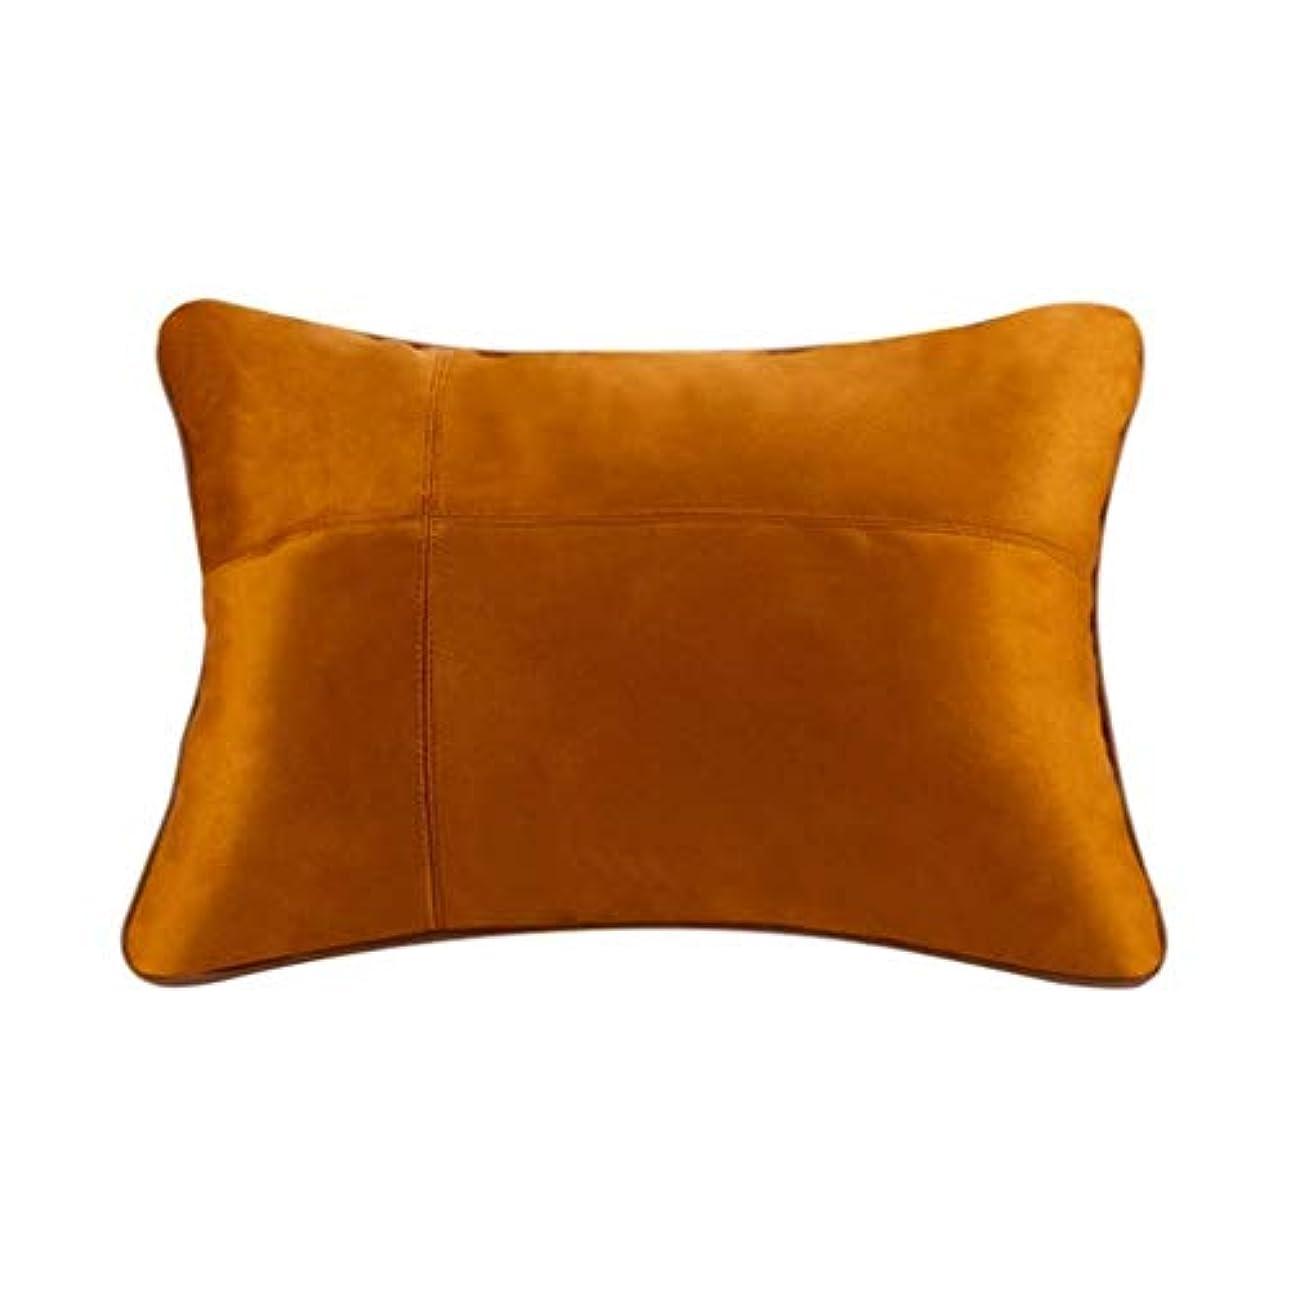 横に良心的患者枕、腰部背部支持パッド、妊娠中の腰椎枕、腰用シートクッション、姿勢ブレース、腰痛を和らげる、低反発腰椎背もたれ枕、オフィスカーチェア、車の室内装飾 (Color : Brown)